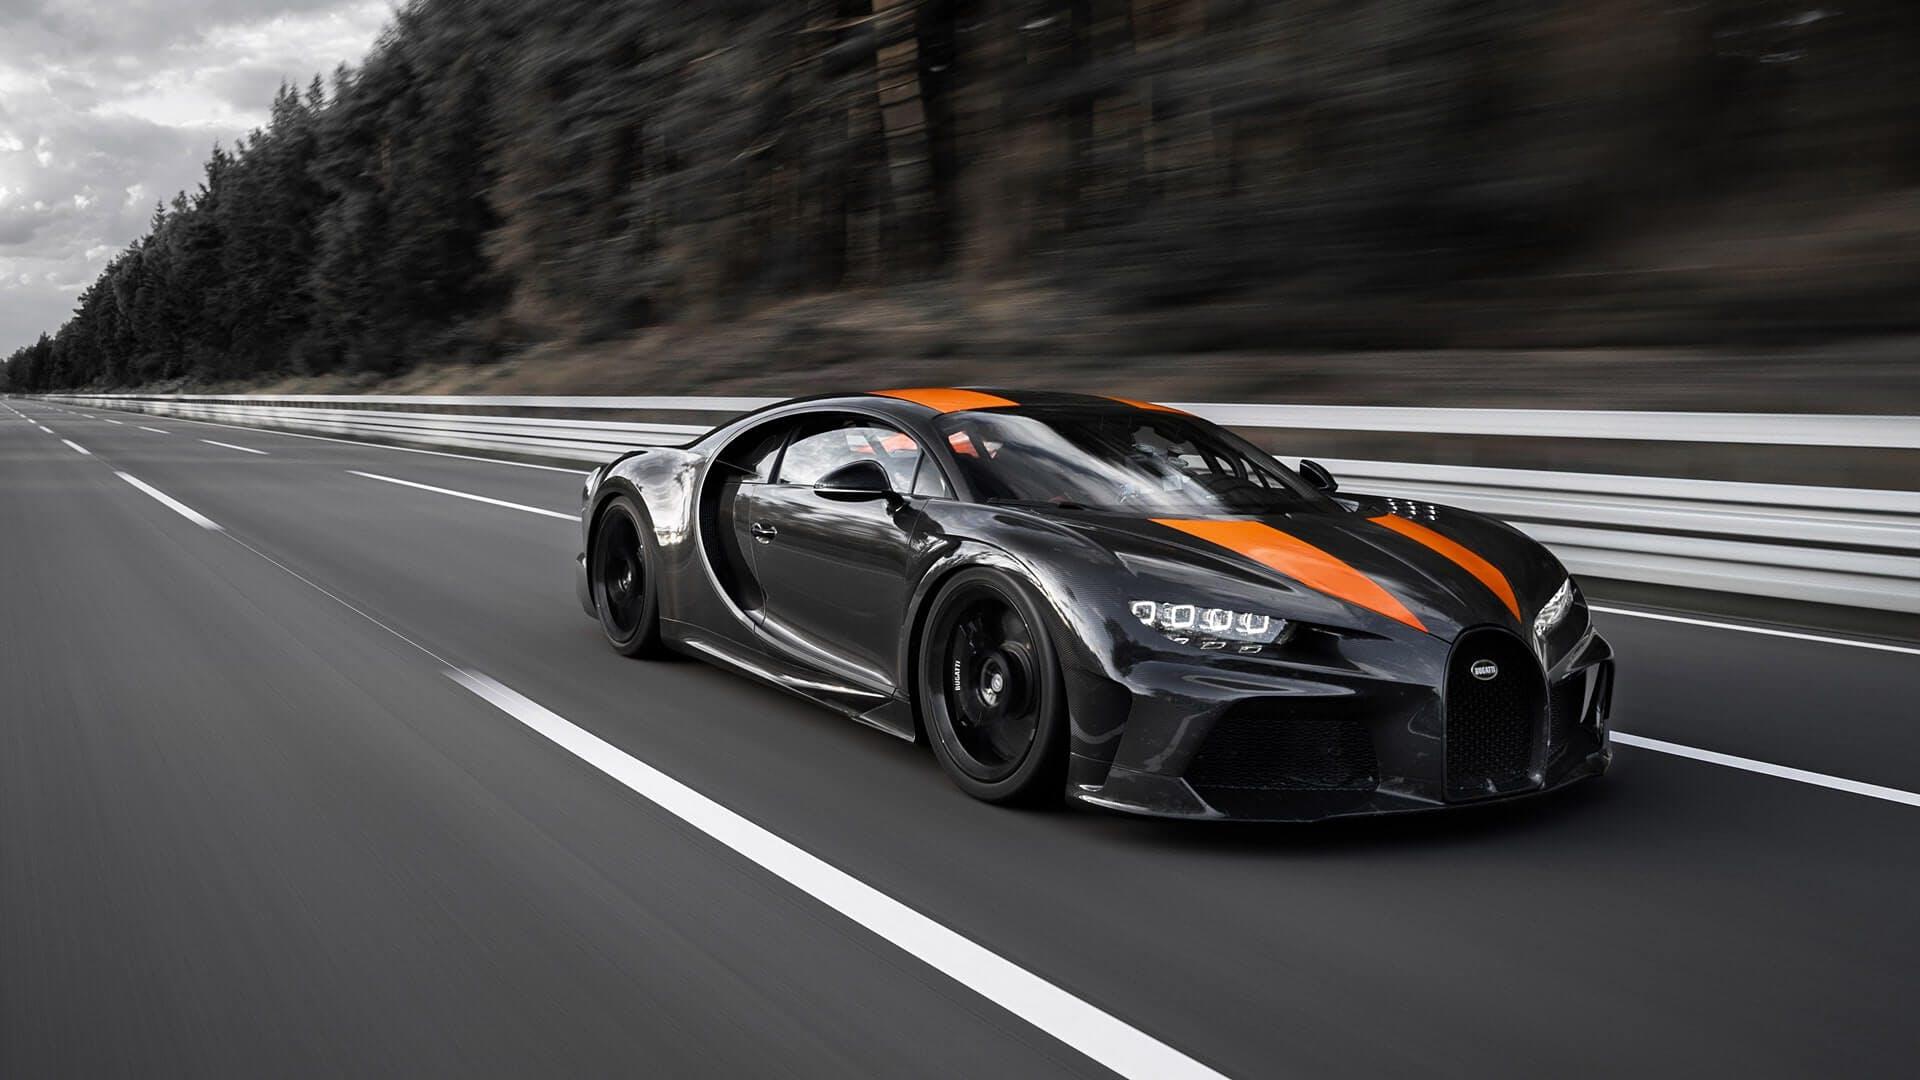 Найшвидших машин в світі - Топ 10